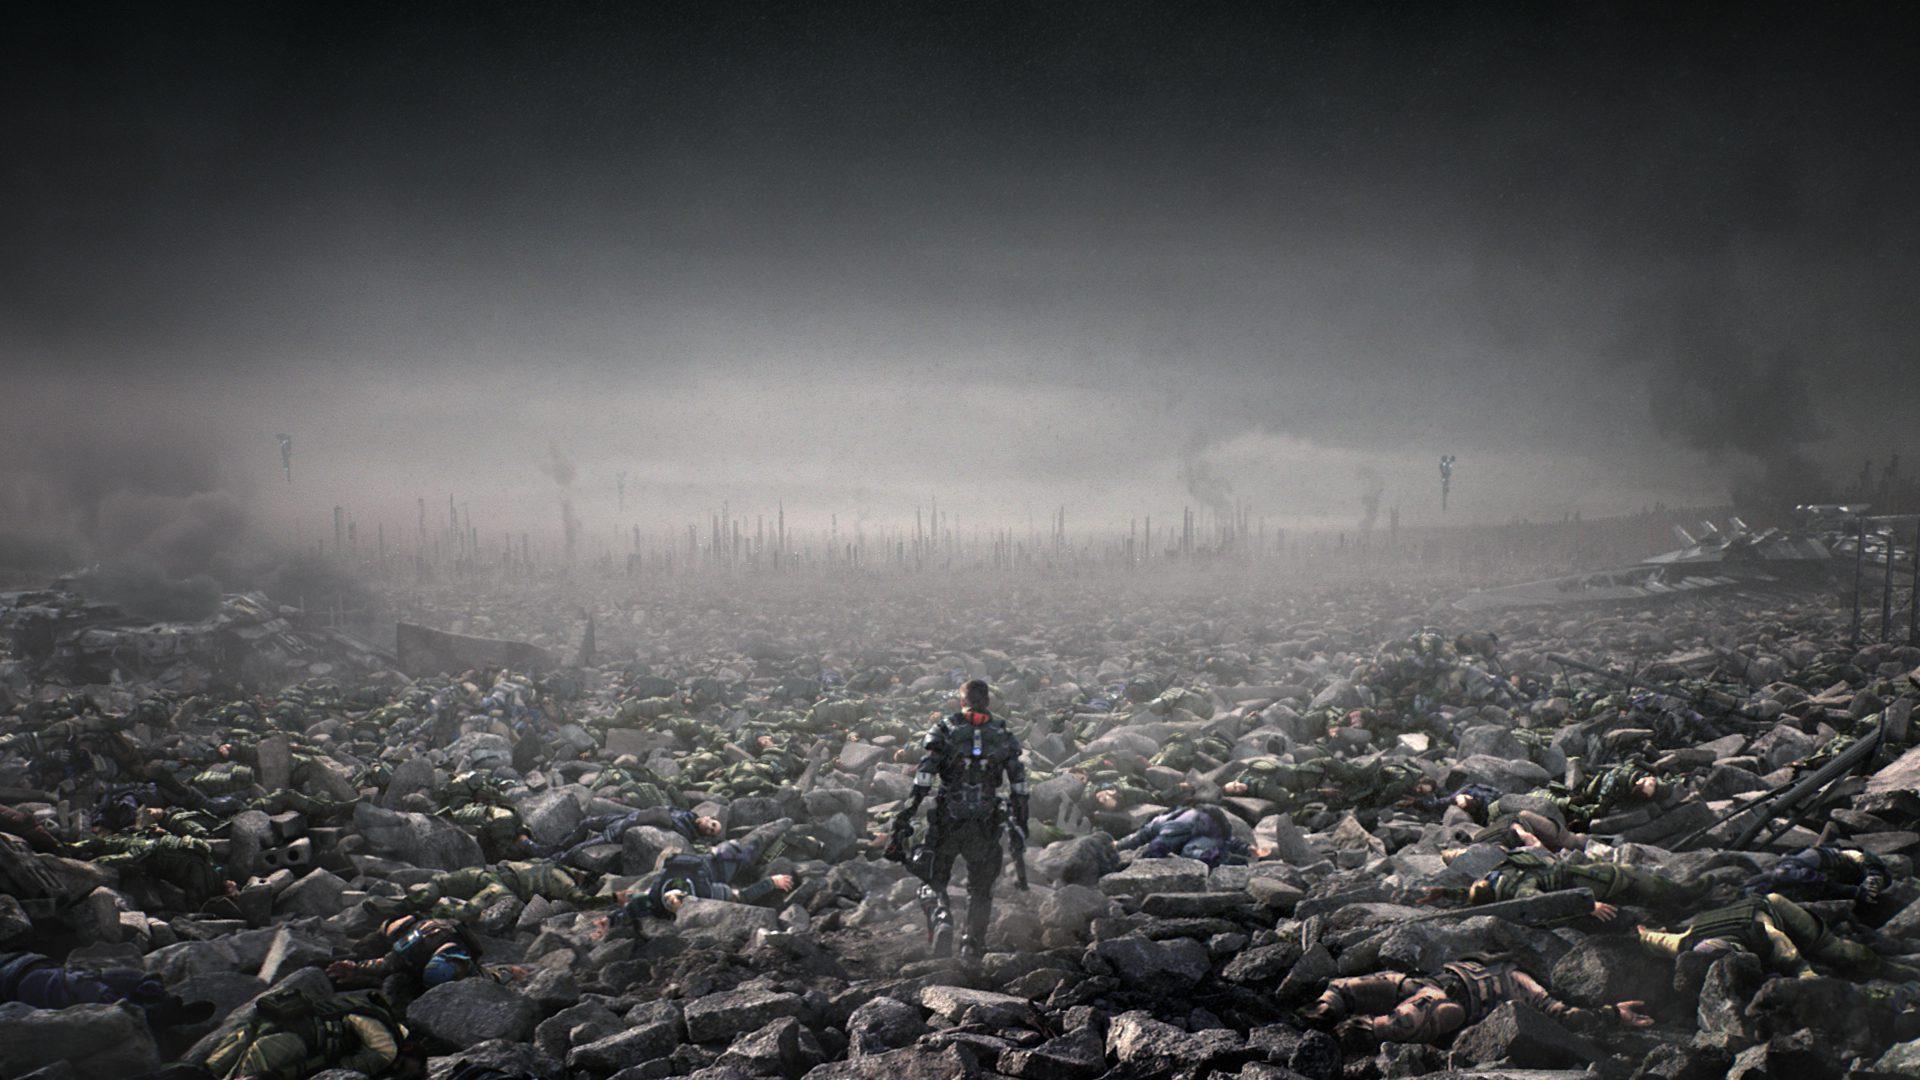 Killzone Shadow Fall Ps4 Wallpaper Trust Mpc Ny Brings Warzone To Life For Ps4 S Killzone